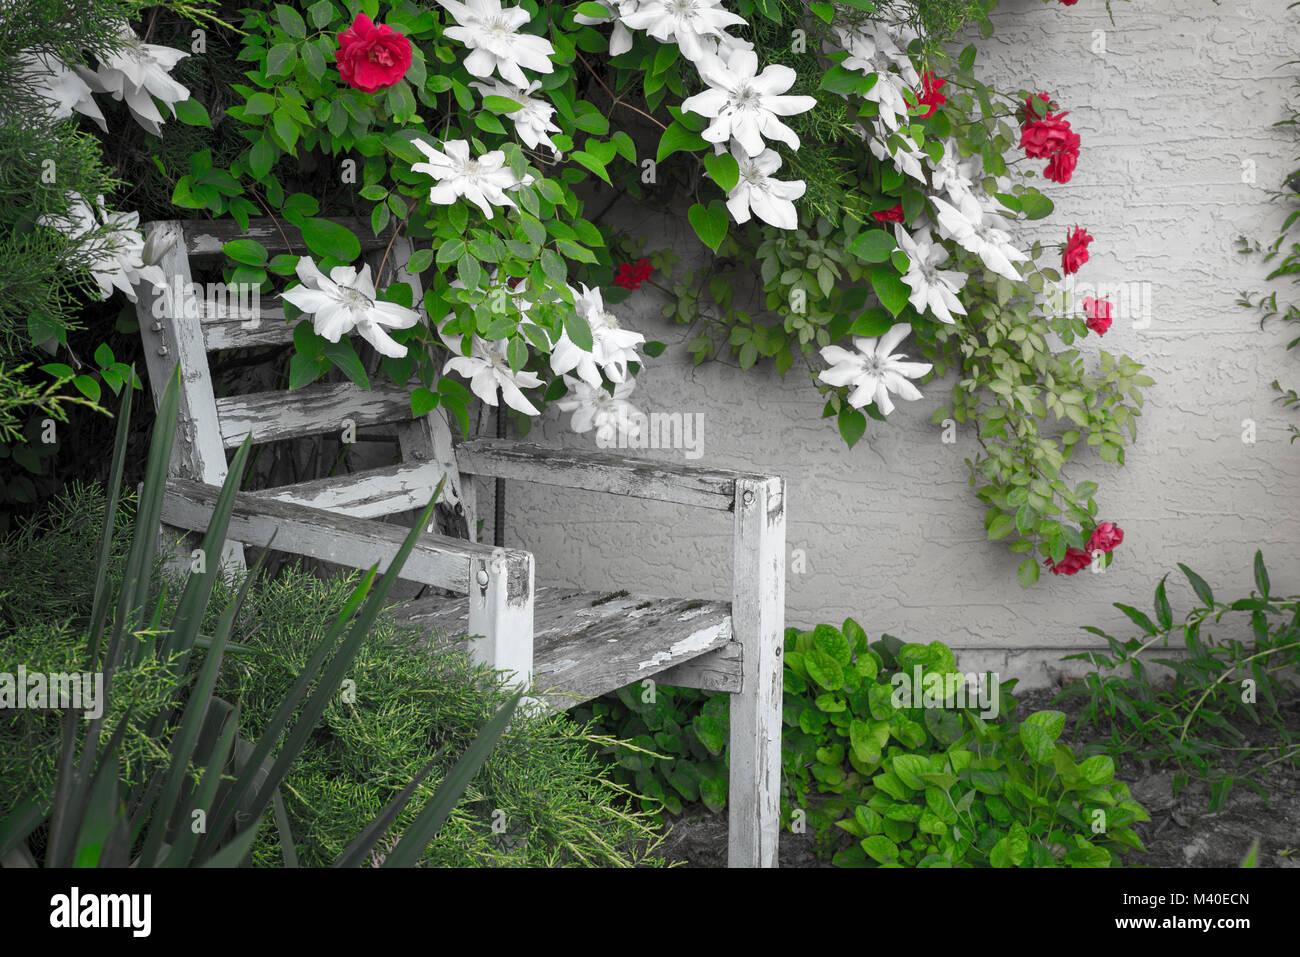 Verwittertes Holz Weißer Stuhl In Einem Garten Teilweise Durch